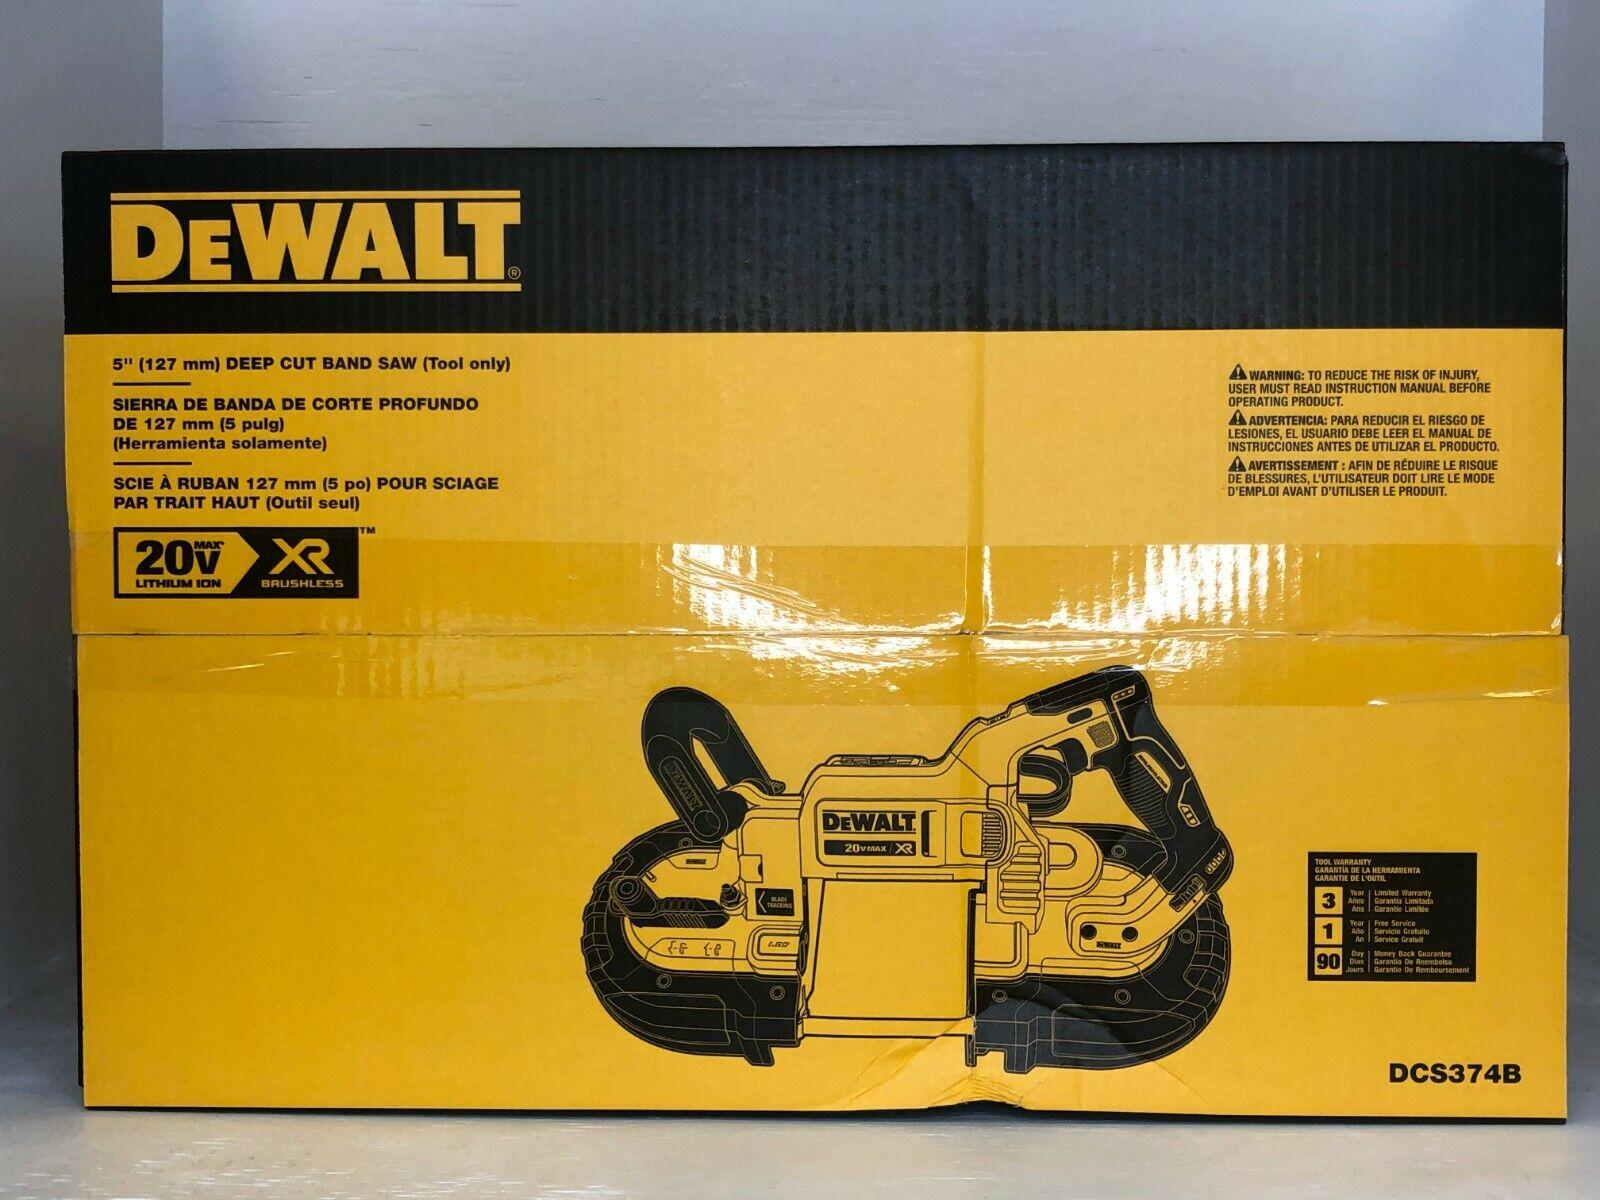 DeWalt DCS374B 20V MAX* XR Brushless Deep Cut Band Saw